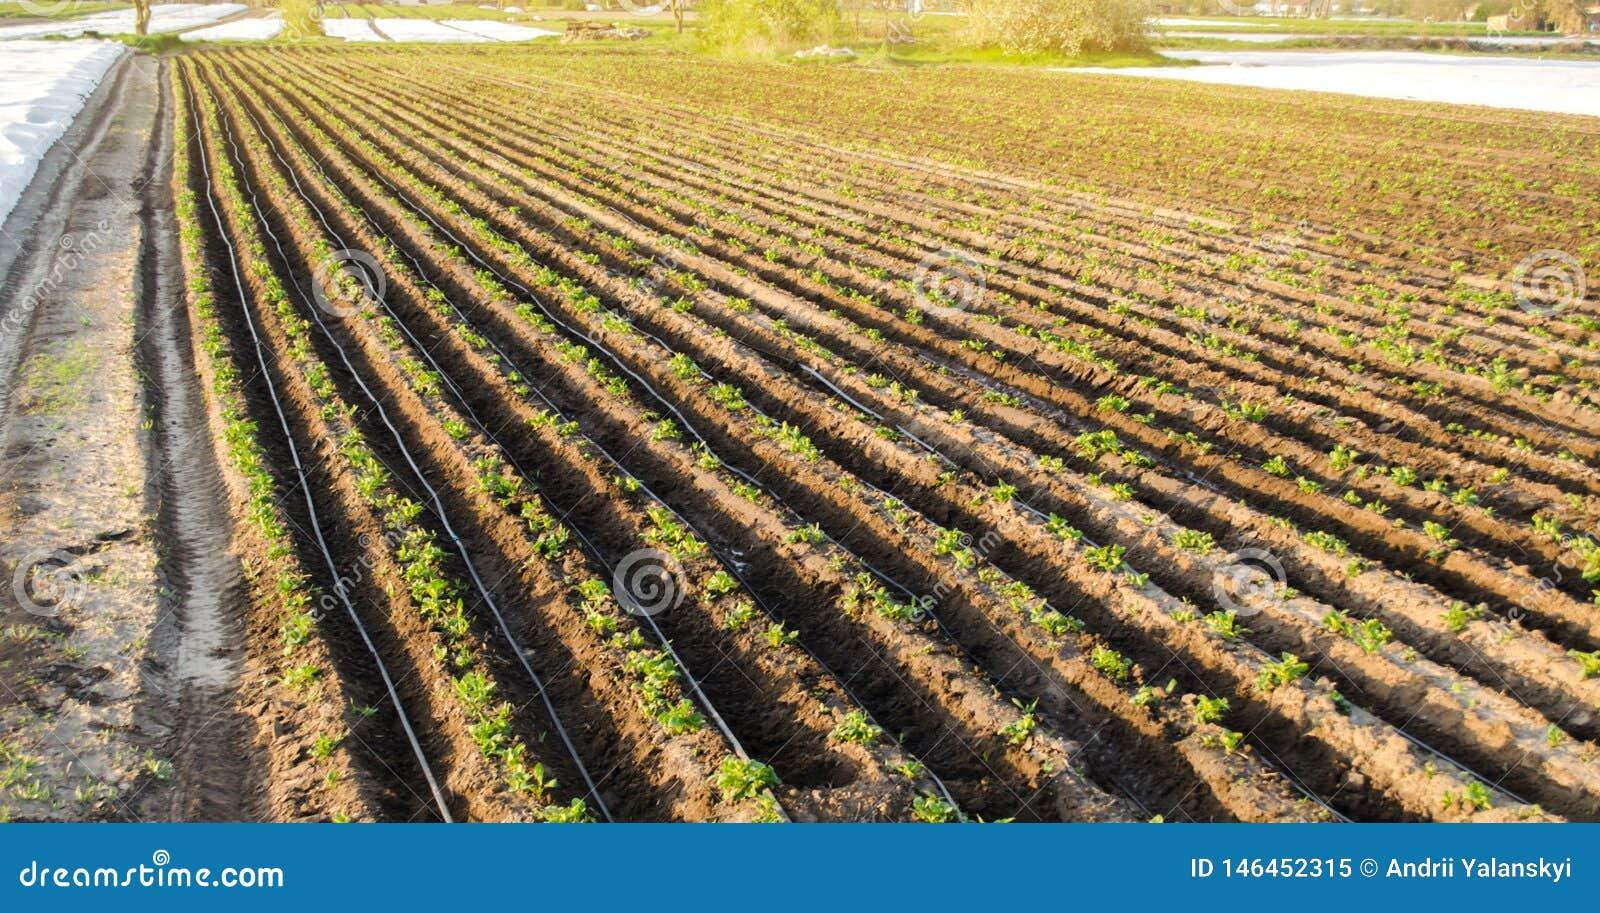 Rader av unga potatisar växer i fältet Droppbevattning Jordbruksmark åkerbrukt landskap Lantliga kolonier Lantgårdjordbruksmark